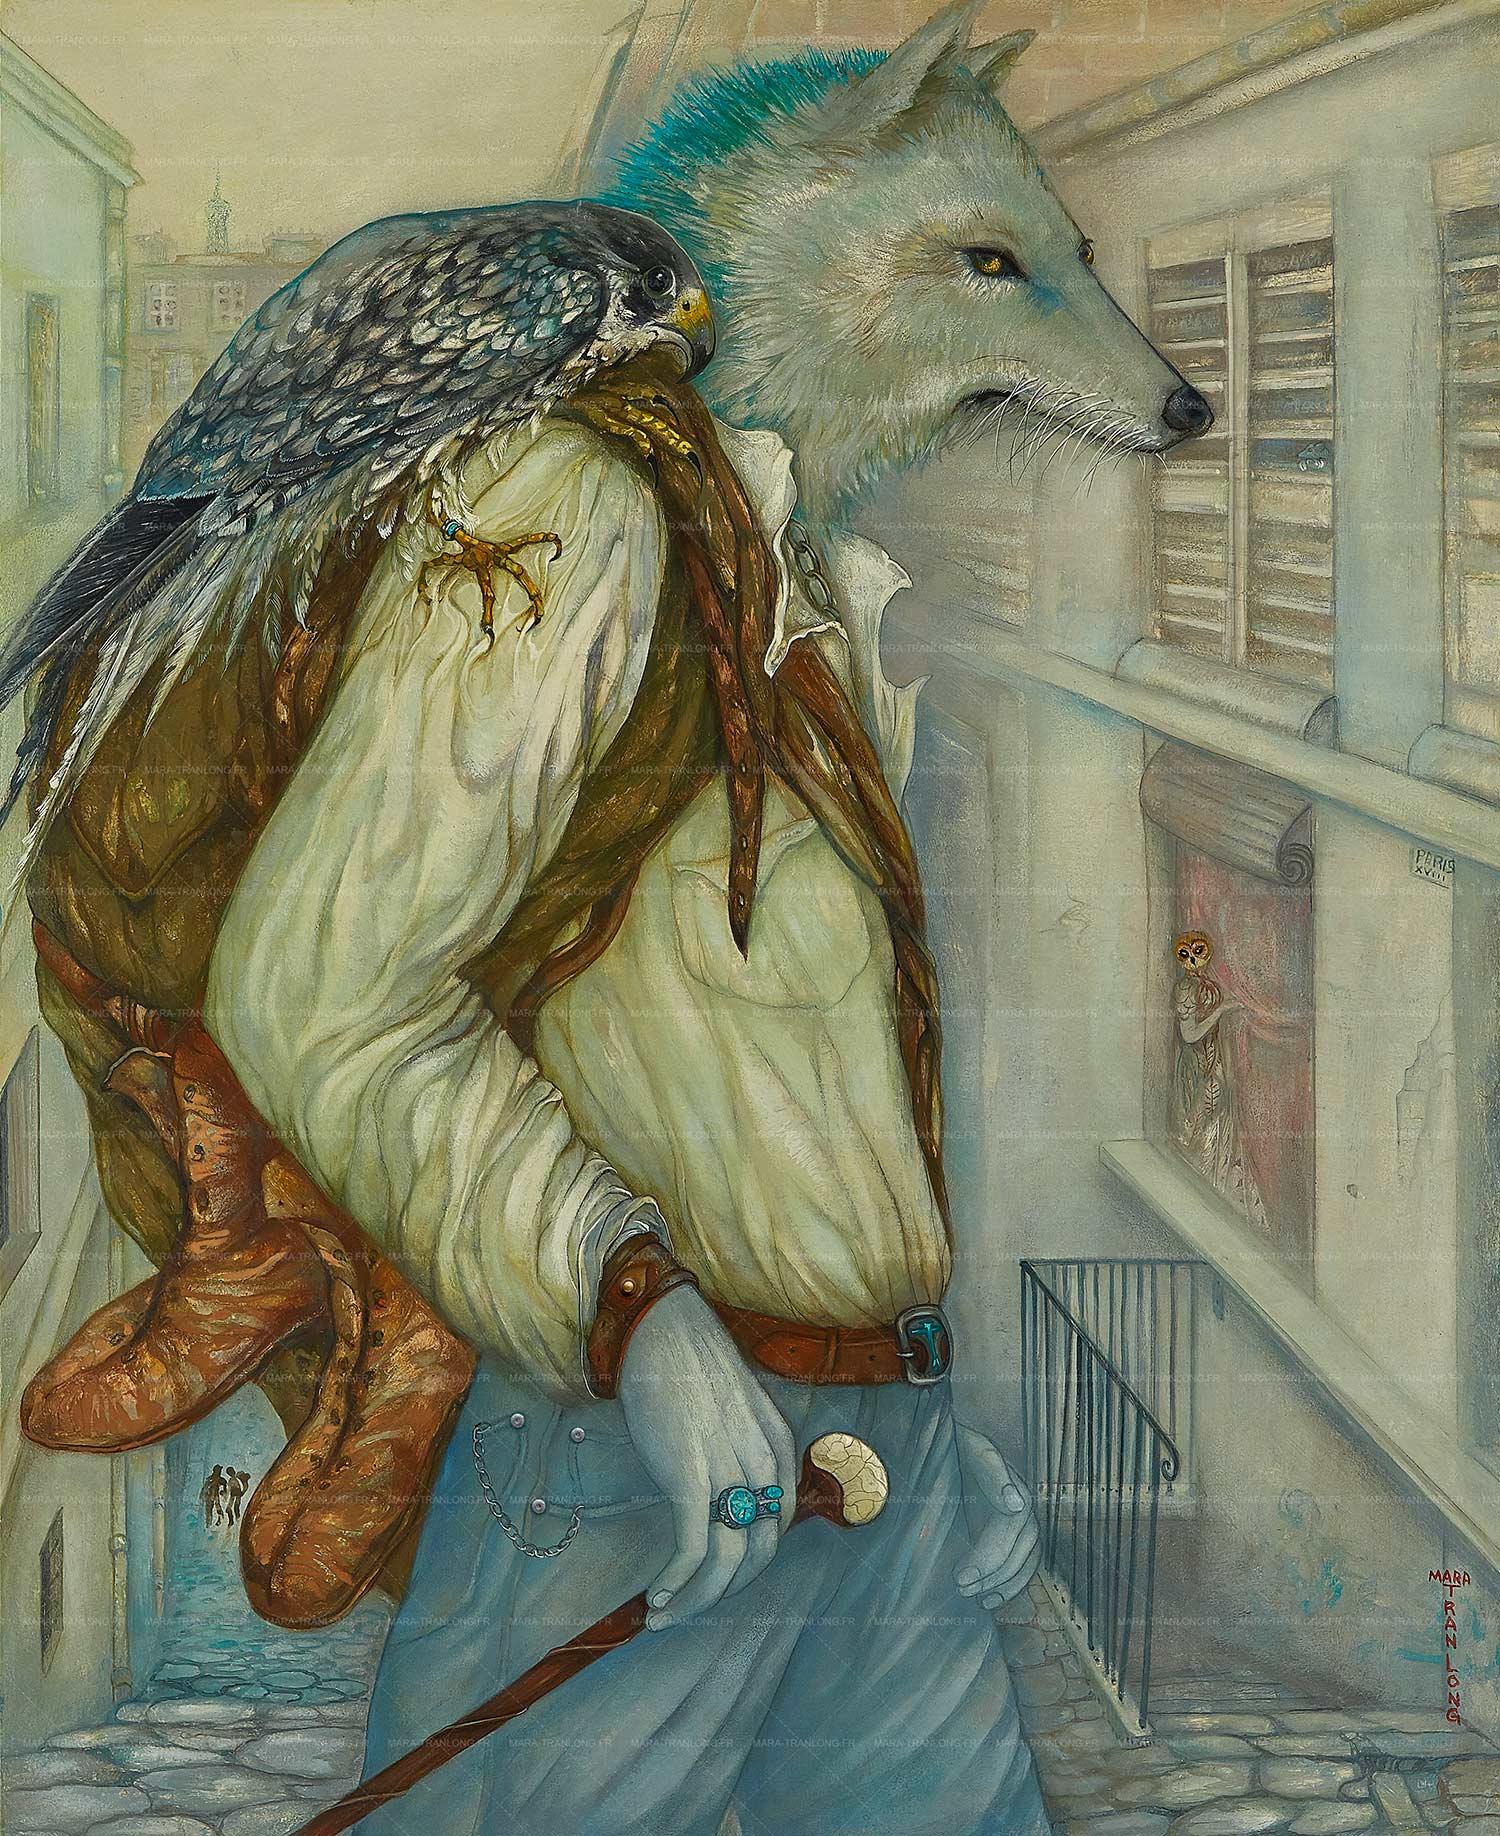 Mara Tranlong - Collection 2005-2008 - Les loulous de Montmartre - Titre : Les Pèlerins - Peinture acrylique sur bois - 60 cm x 73 cm